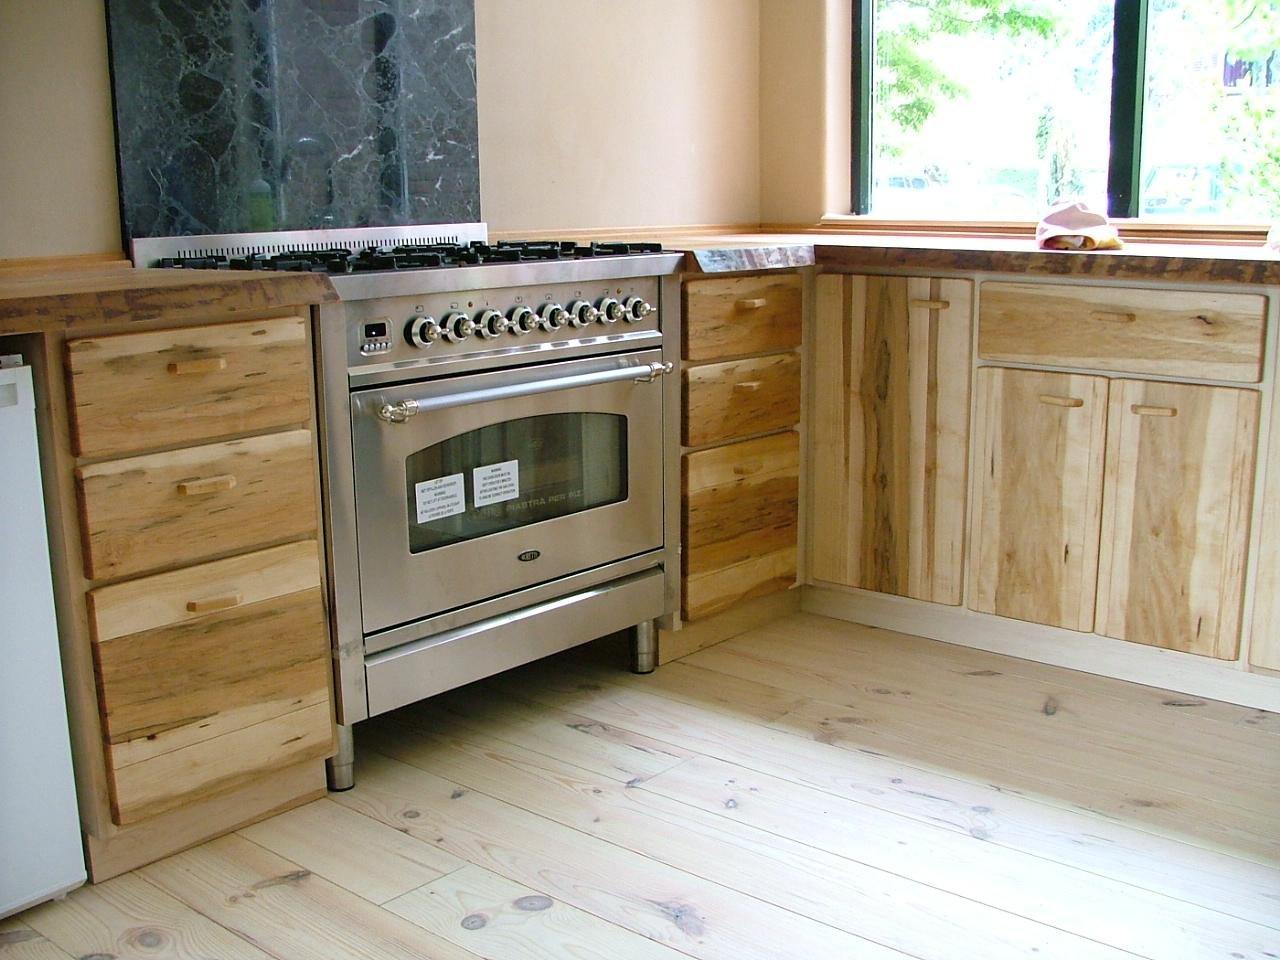 Houten keuken op maat in een tijdloze, natuurlijke stijl.